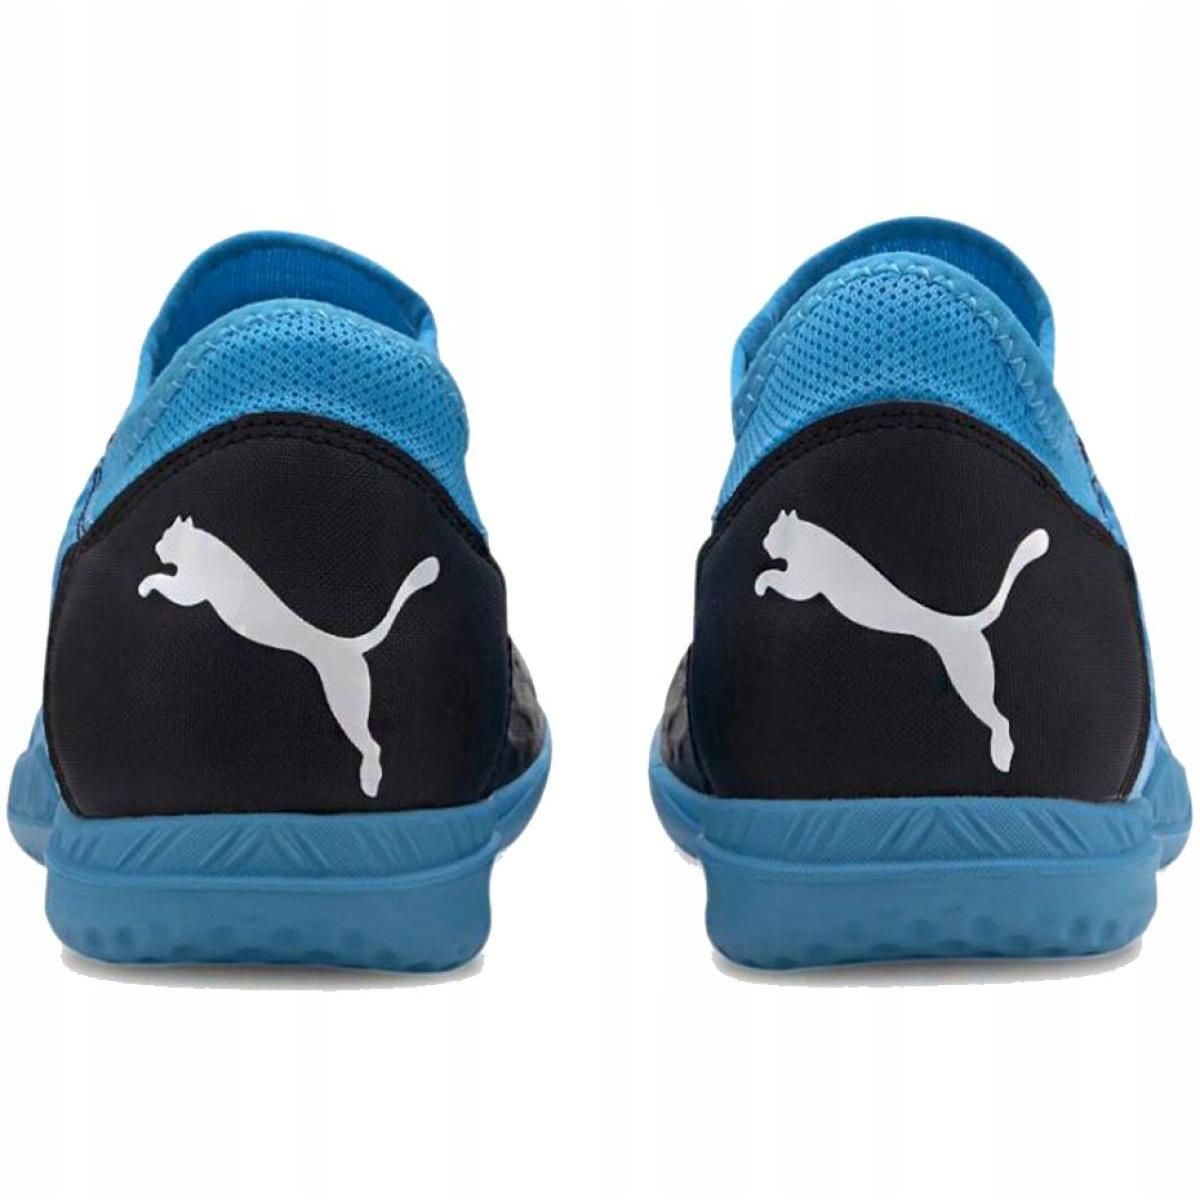 Buty halowe Puma Future 5.4 It M 105804 01 niebieskie niebieski